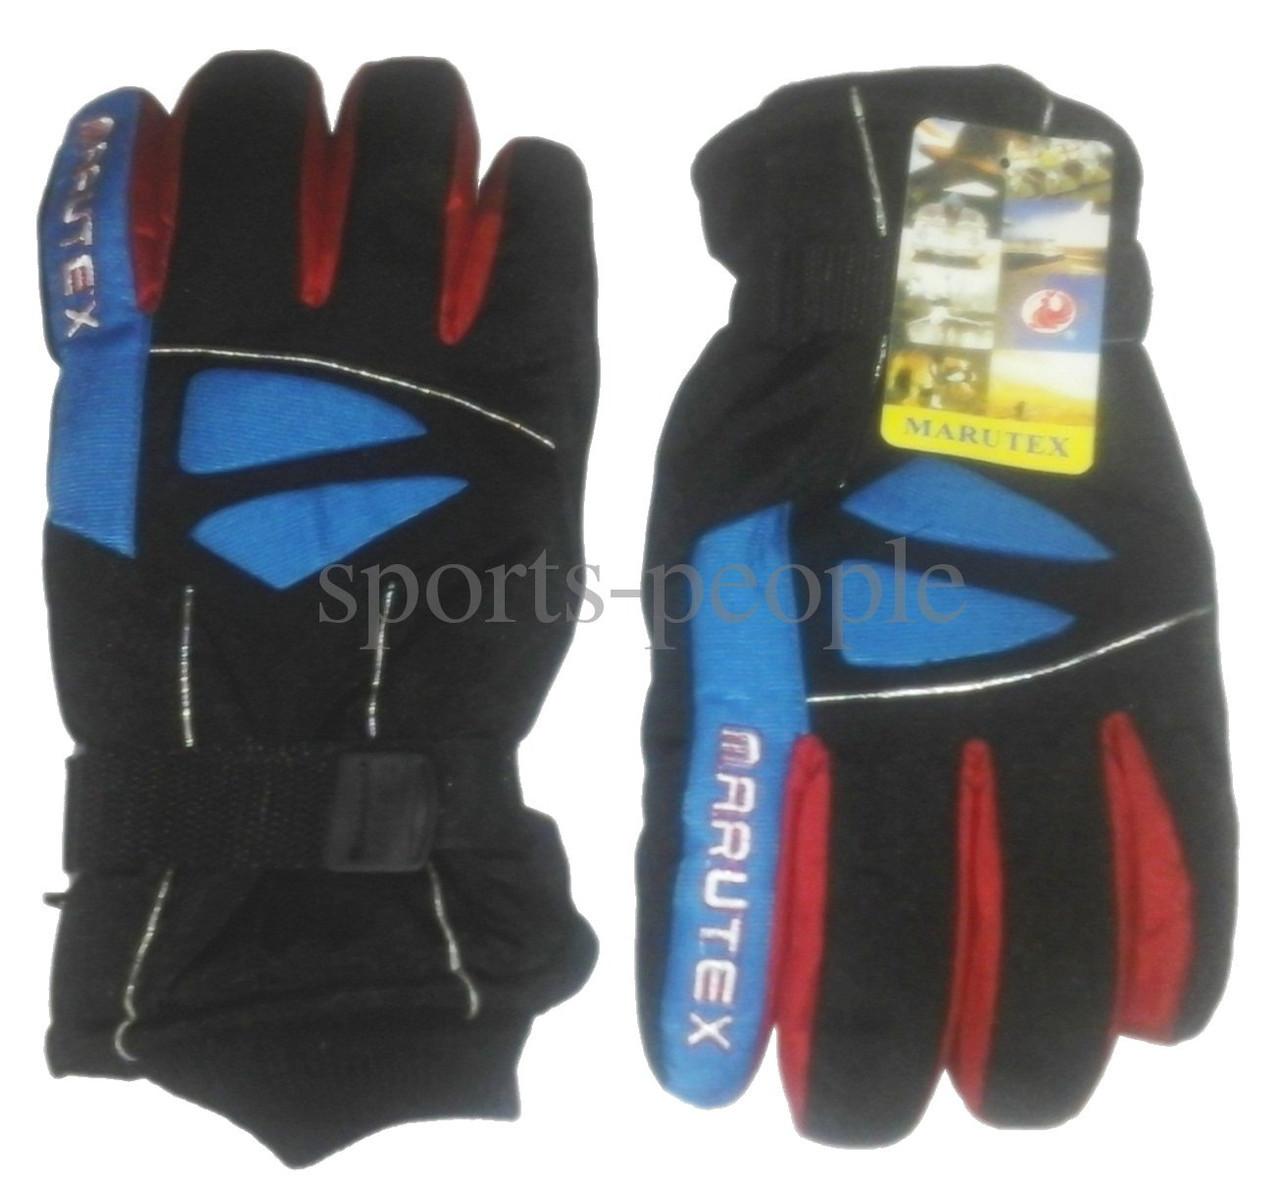 Рукавички гірськолижні Marutex, L, чорний+червоний+синій колір.